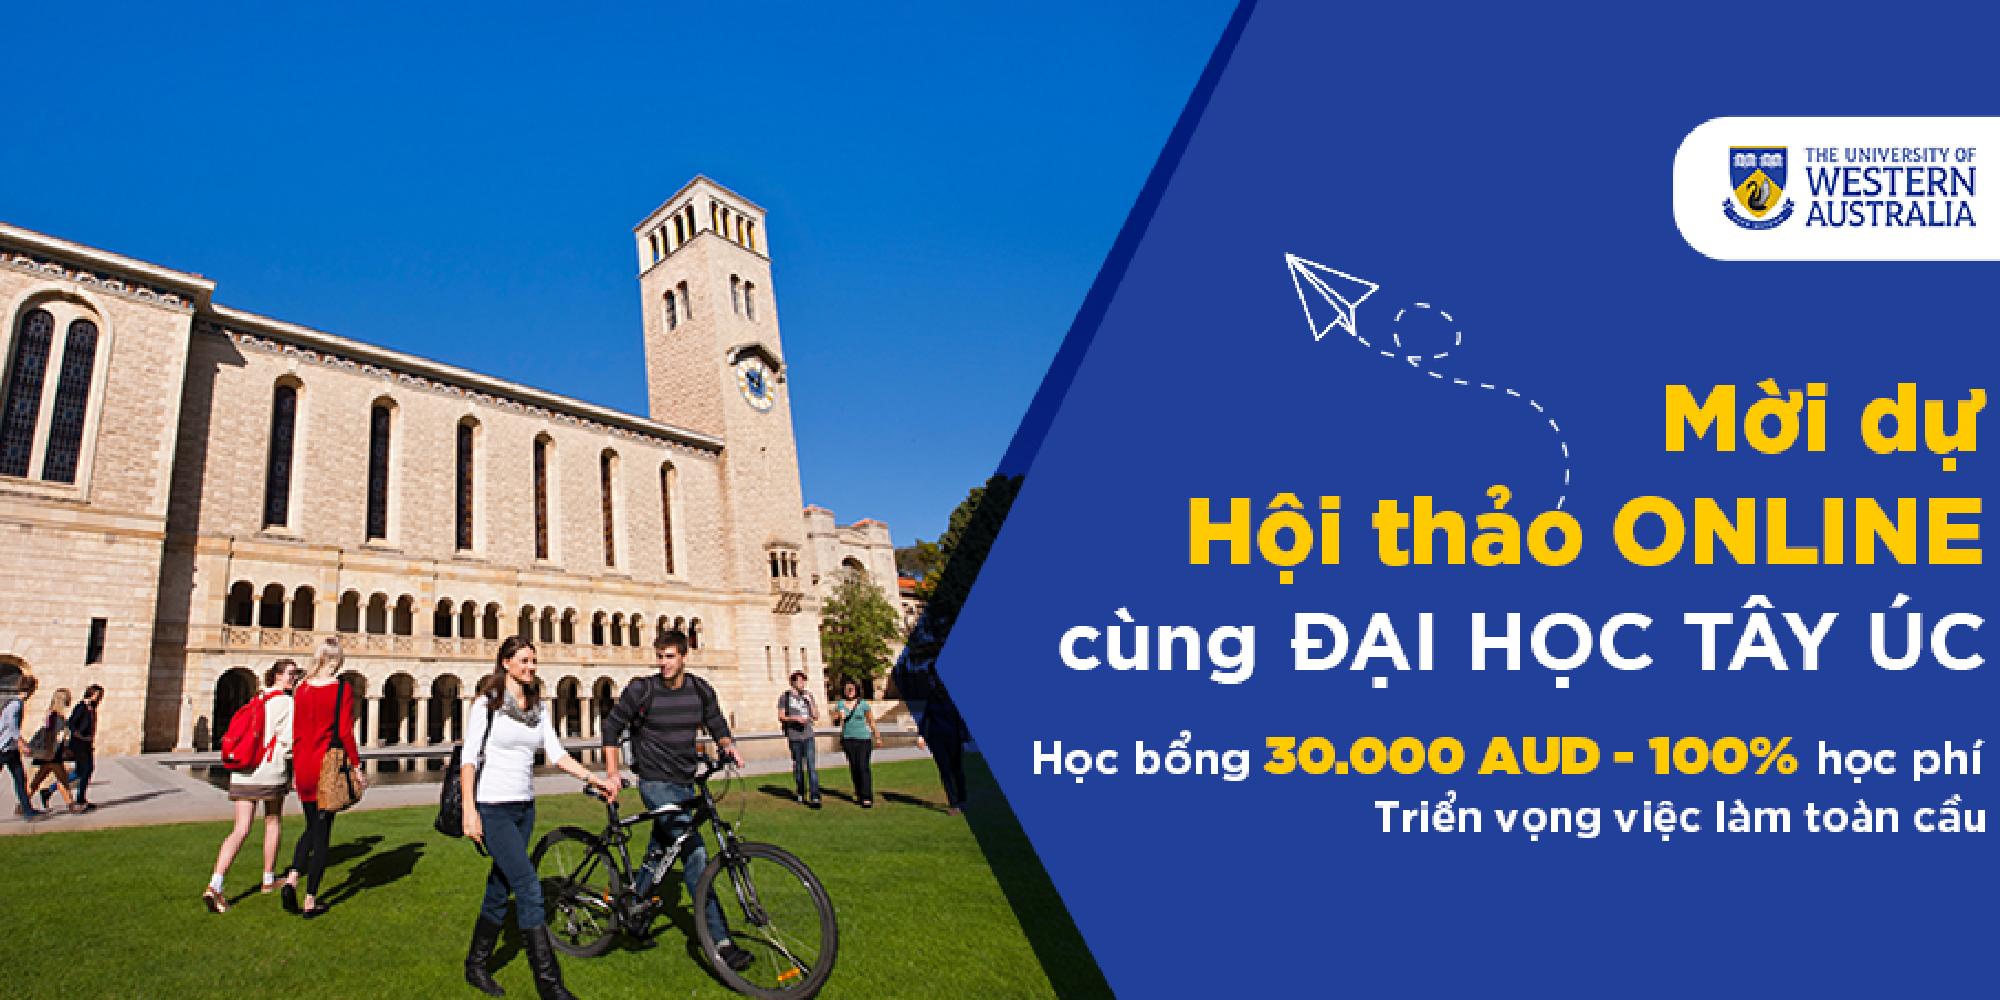 Mời dự Hội thảo ONLINE cùng Đại học Tây Úc (UWA): Học bổng 30.000 AUD- 100% học phí